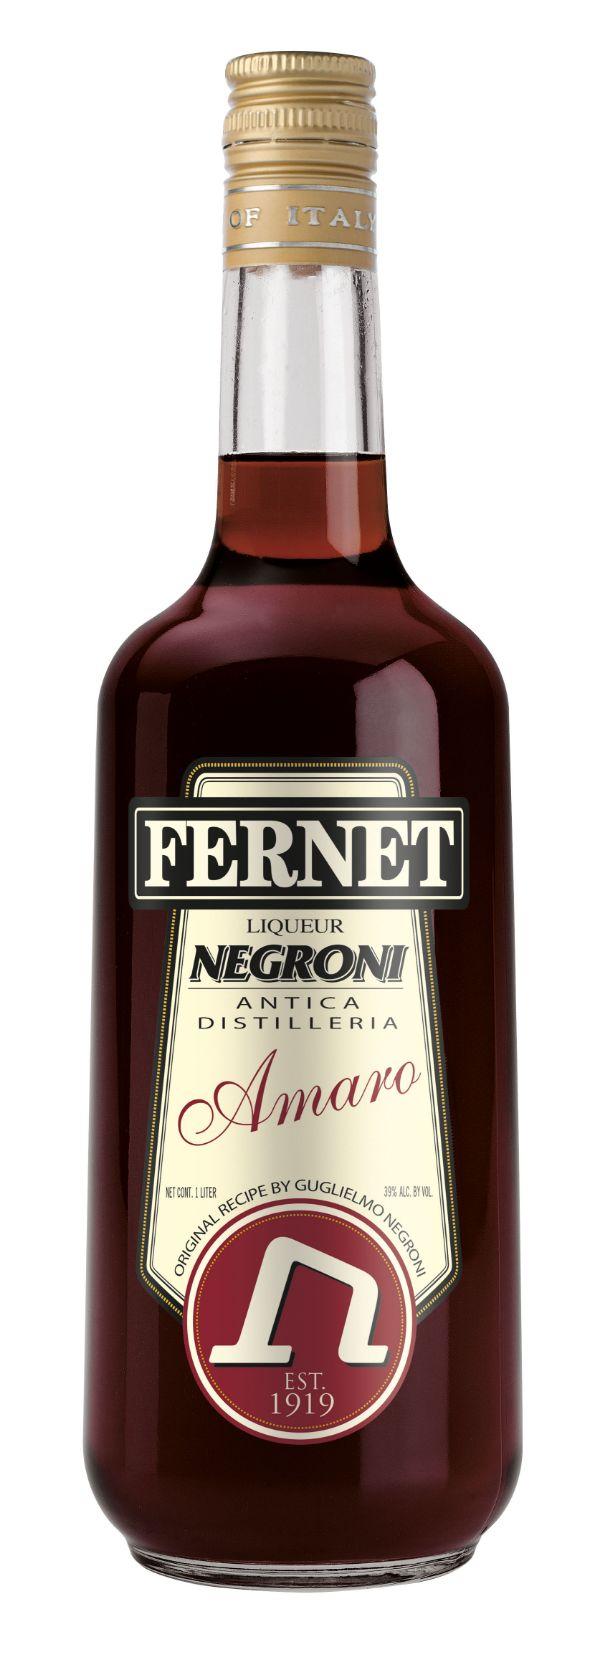 Negroni Fernet Liqueur